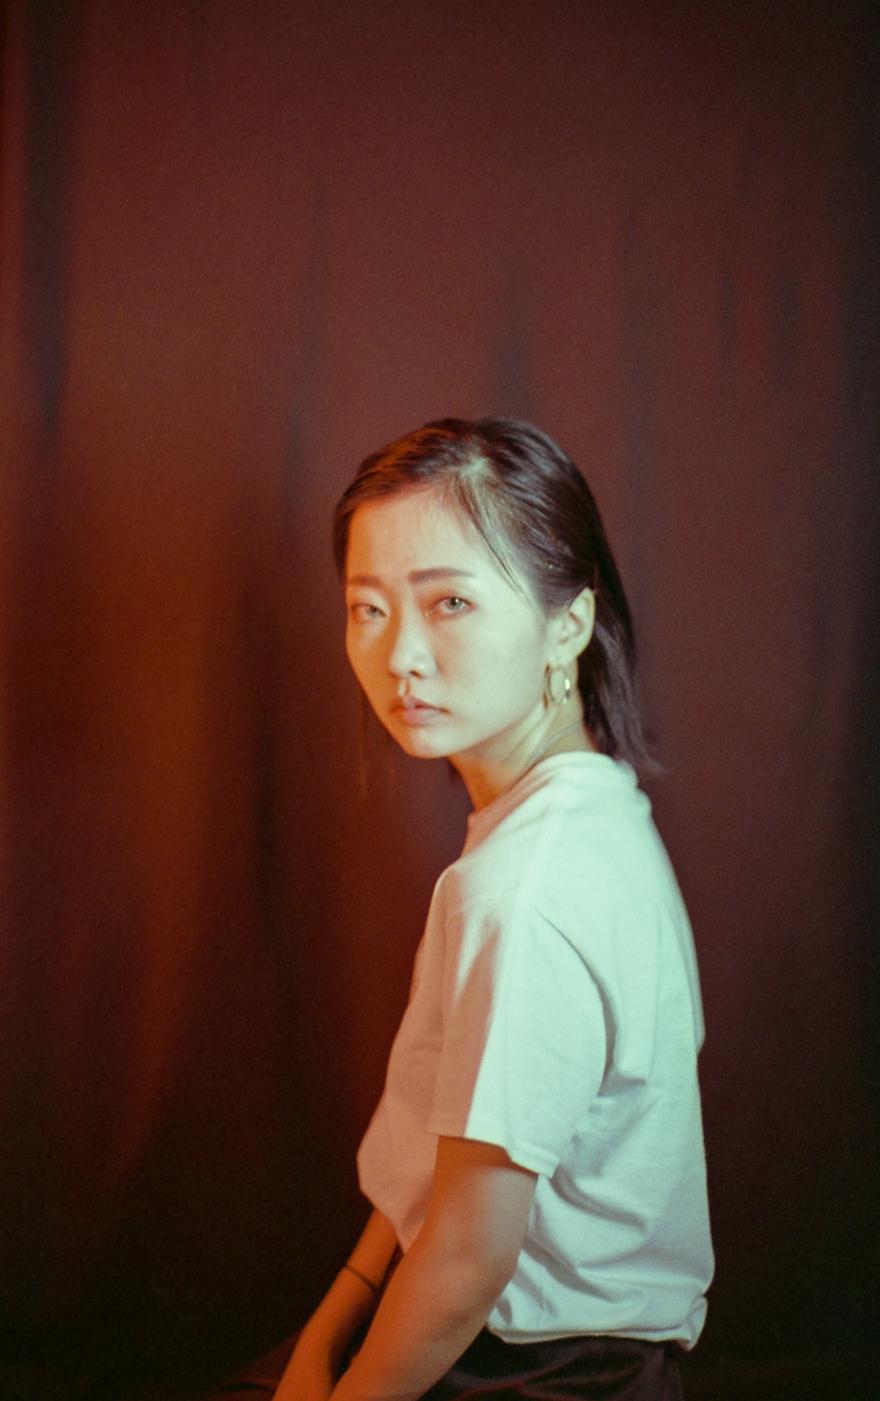 YEOJAMag-Girl_Gaze_Ivy-Photography-Pu_1